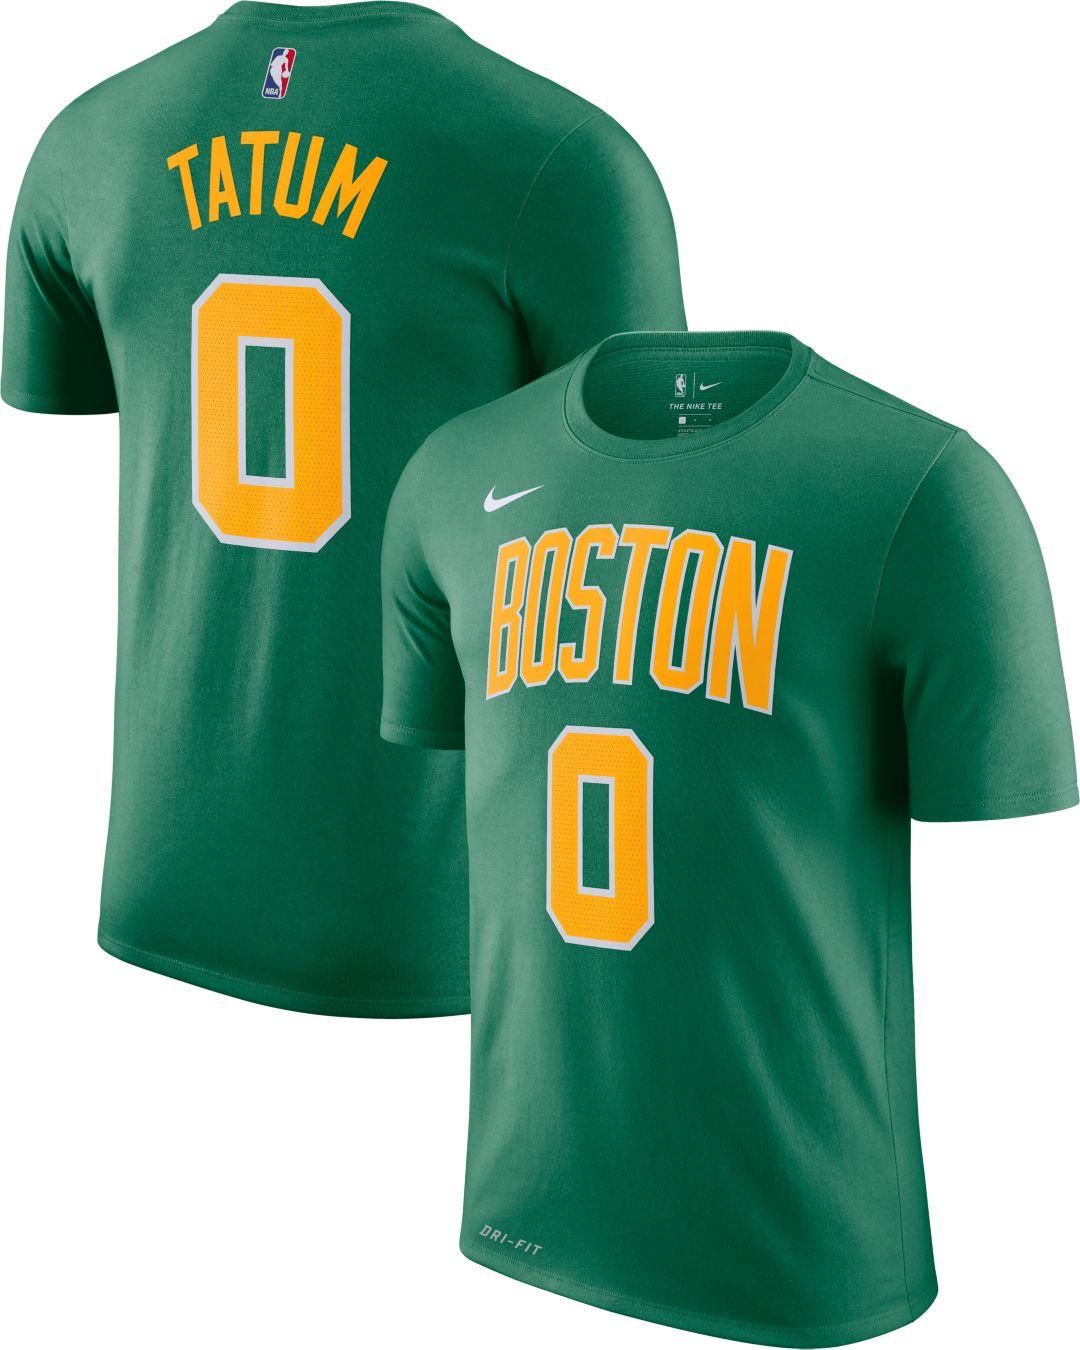 best sneakers f50f5 2a09d Nike Men's Boston Celtics Jayson Tatum Dri-FIT Earned Edition T-Shirt